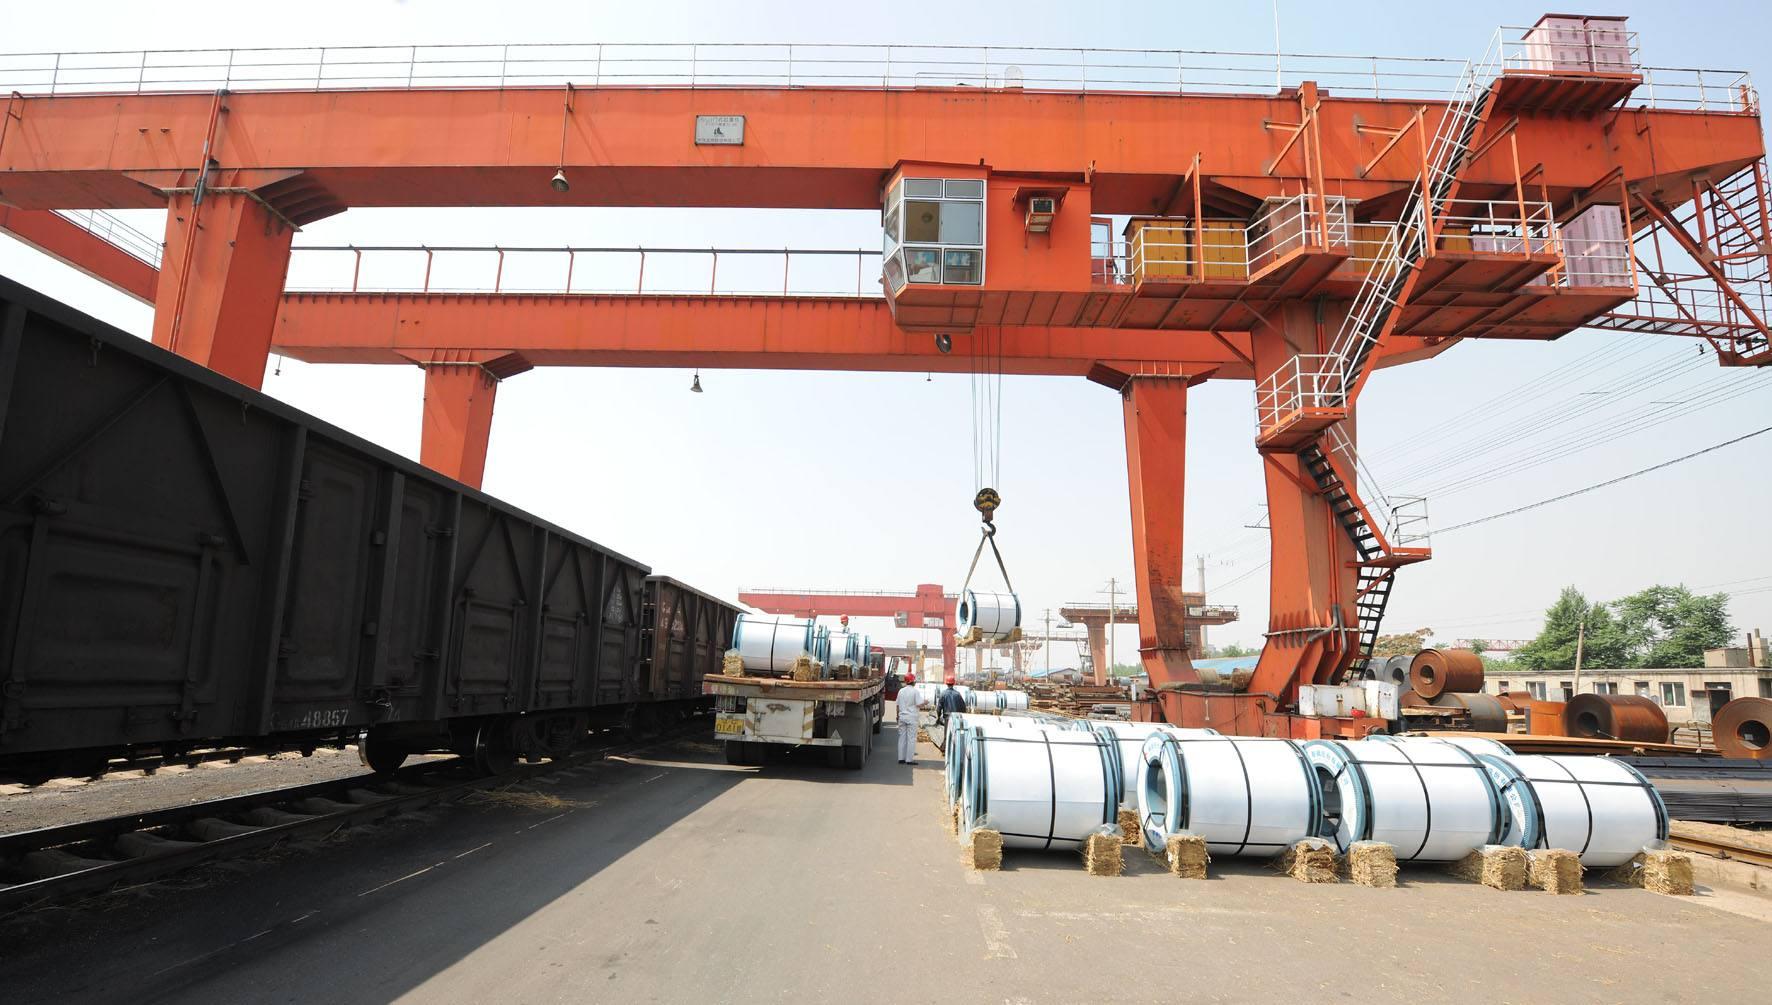 铁路物流之铁路货场的业务特点和管理需求分析